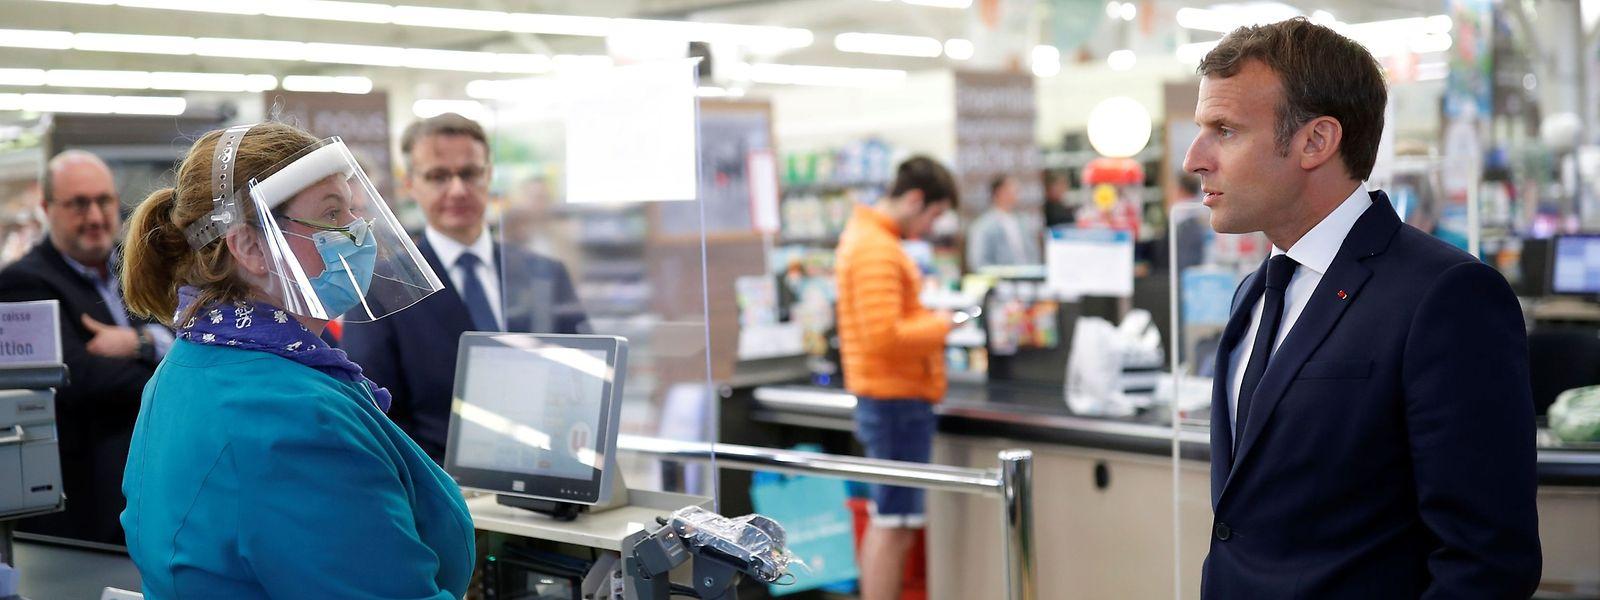 Emmanuel Macron en visite dans un supermarché ce jeudi pour tenter de rassurer son pays.